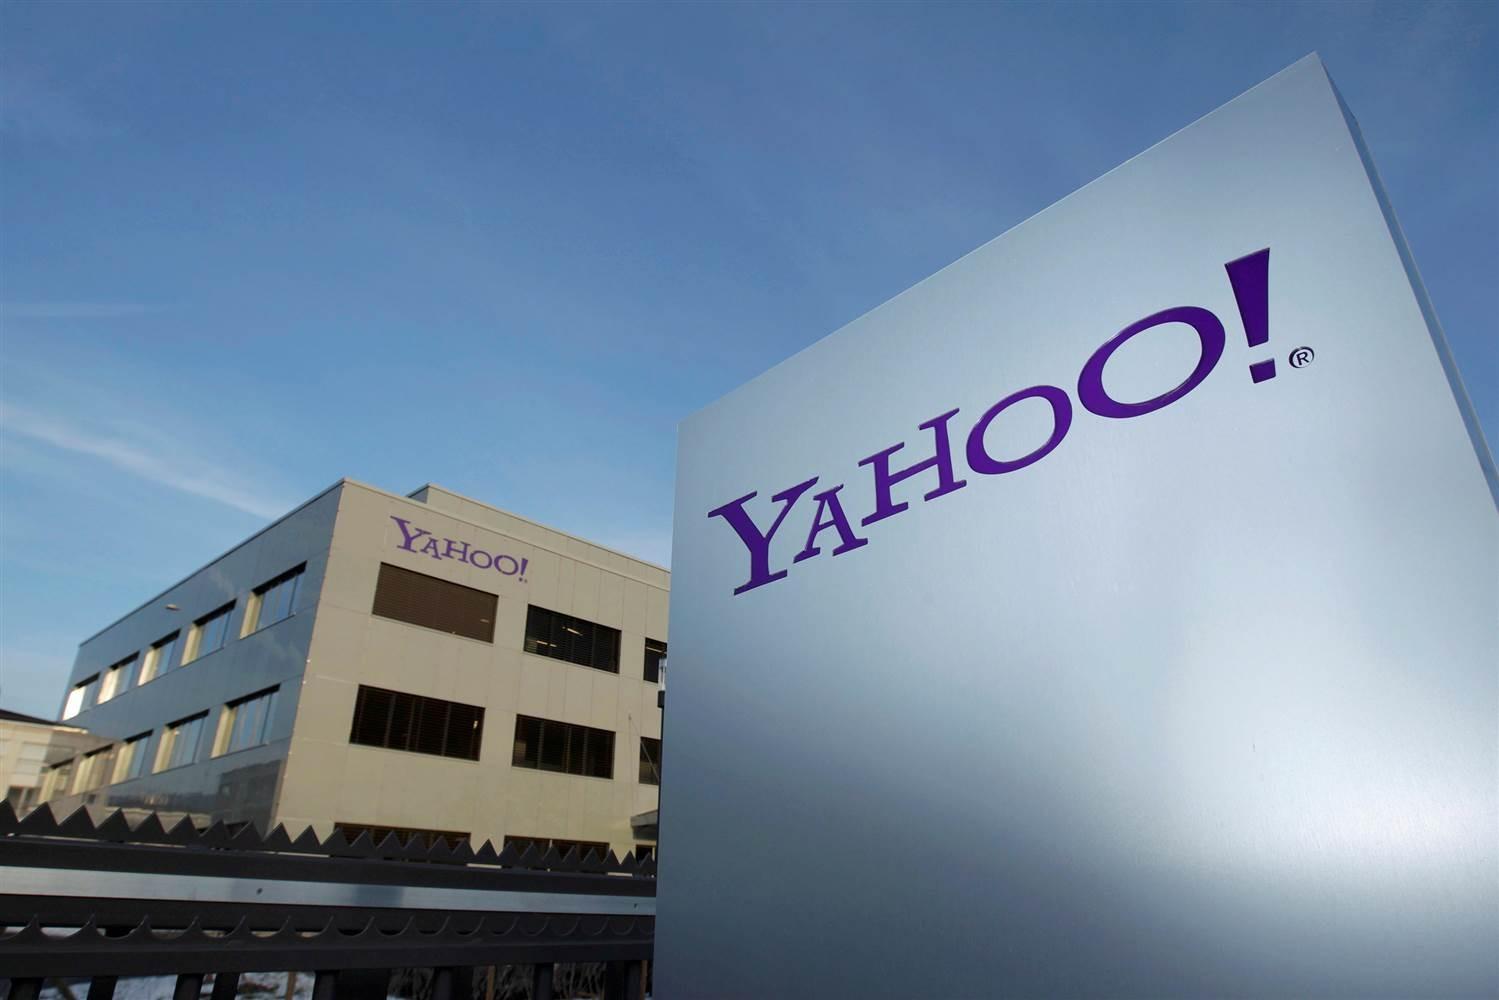 هک ۵۰۰ میلیون اکانت یاهو تأیید شد / بزرگترین هک اطلاعات تاریخ وب قبل از مرگ یاهو